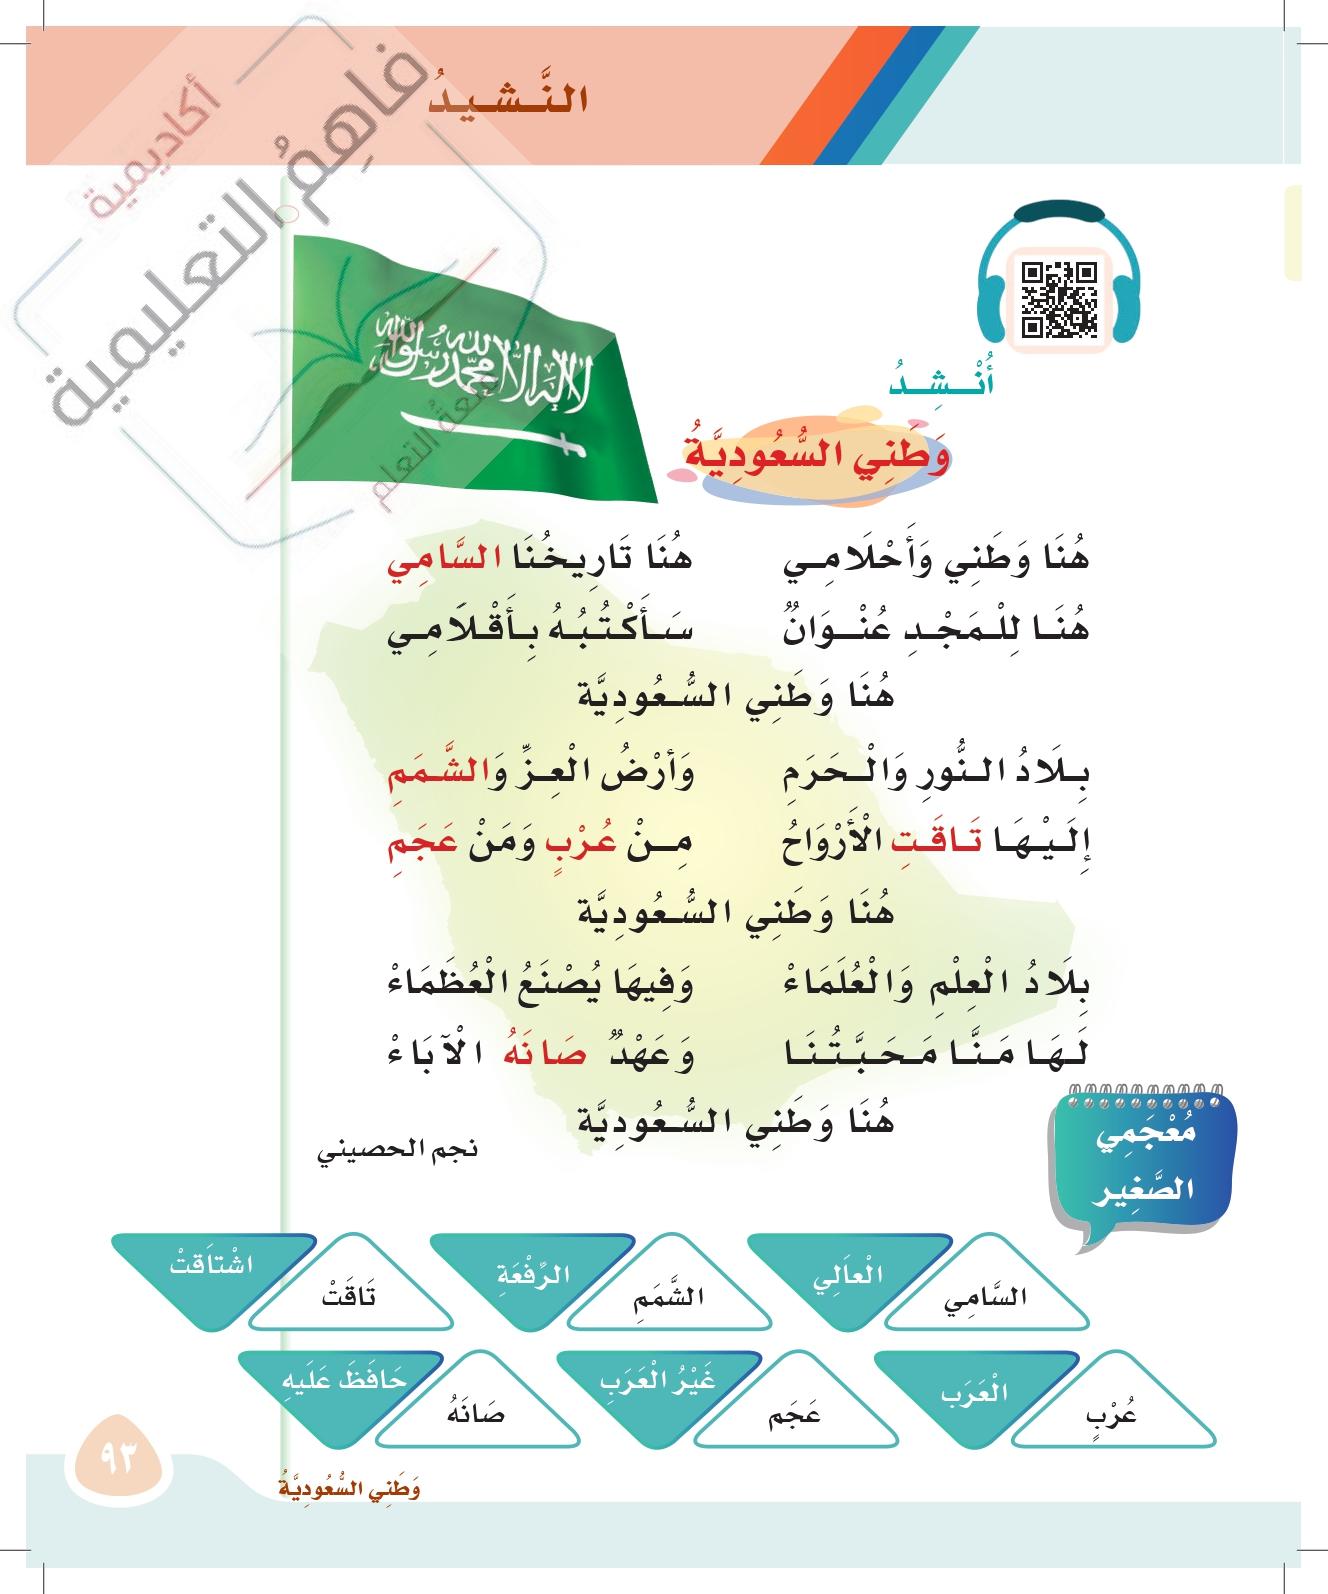 حل لغتي ثاني ابتدائي الوحدة الثالثة وطني السعودي صفحة 88 118